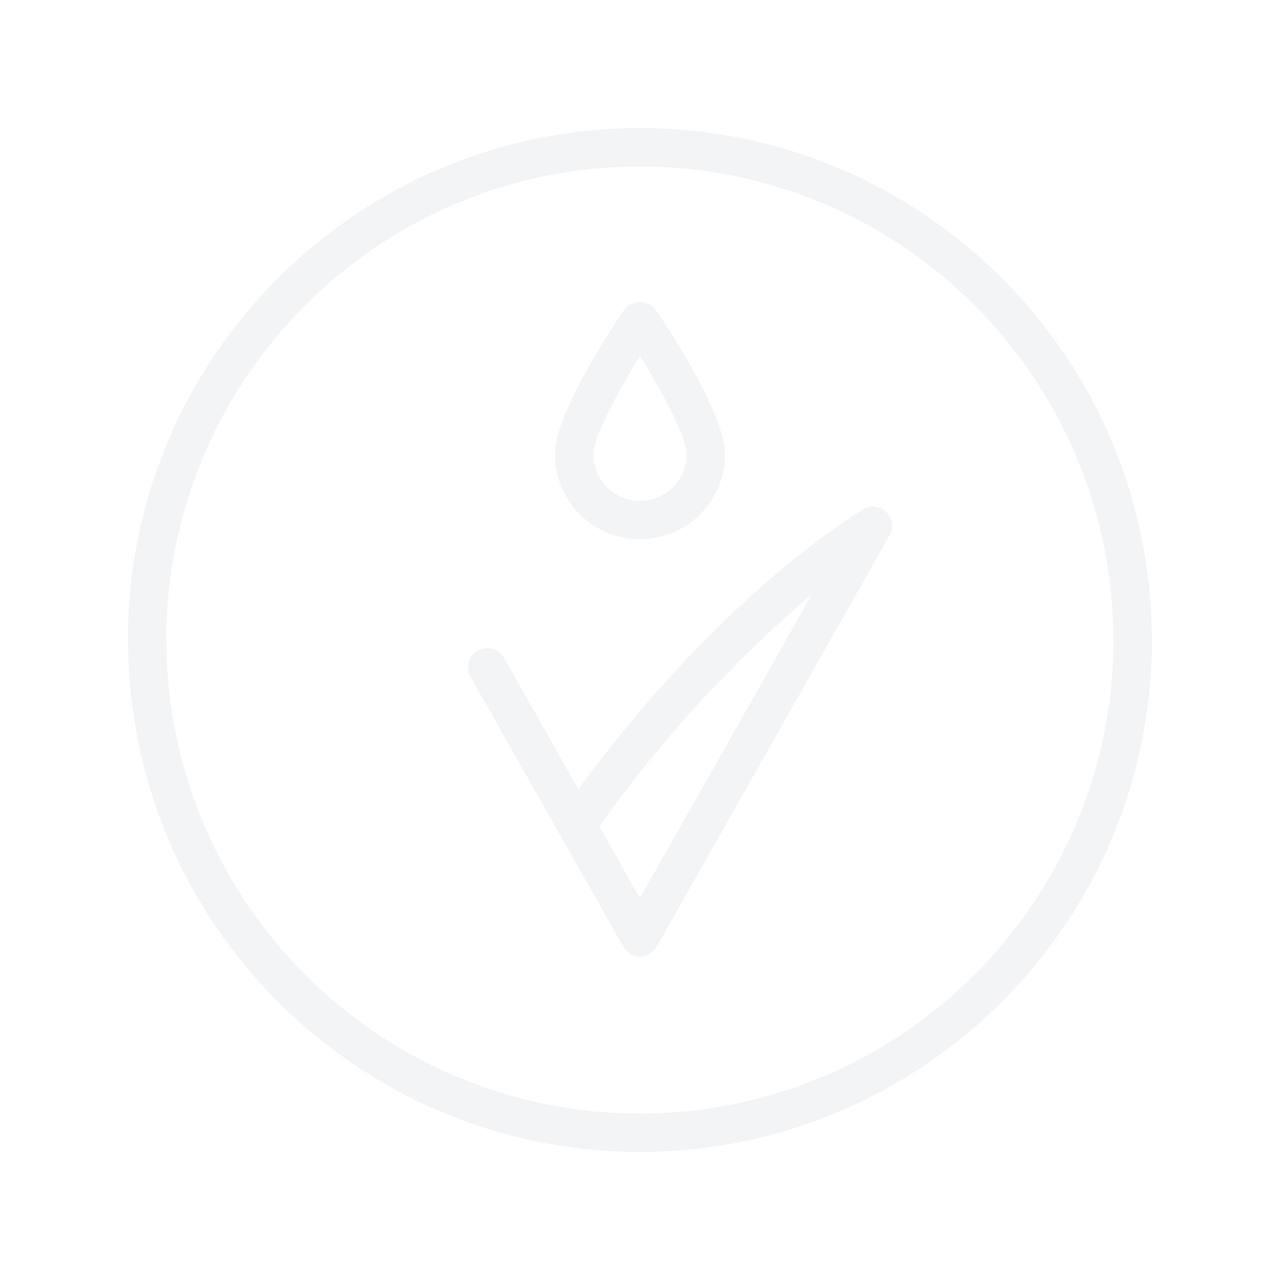 NANSHY Blush & Bronze A01 Brush White